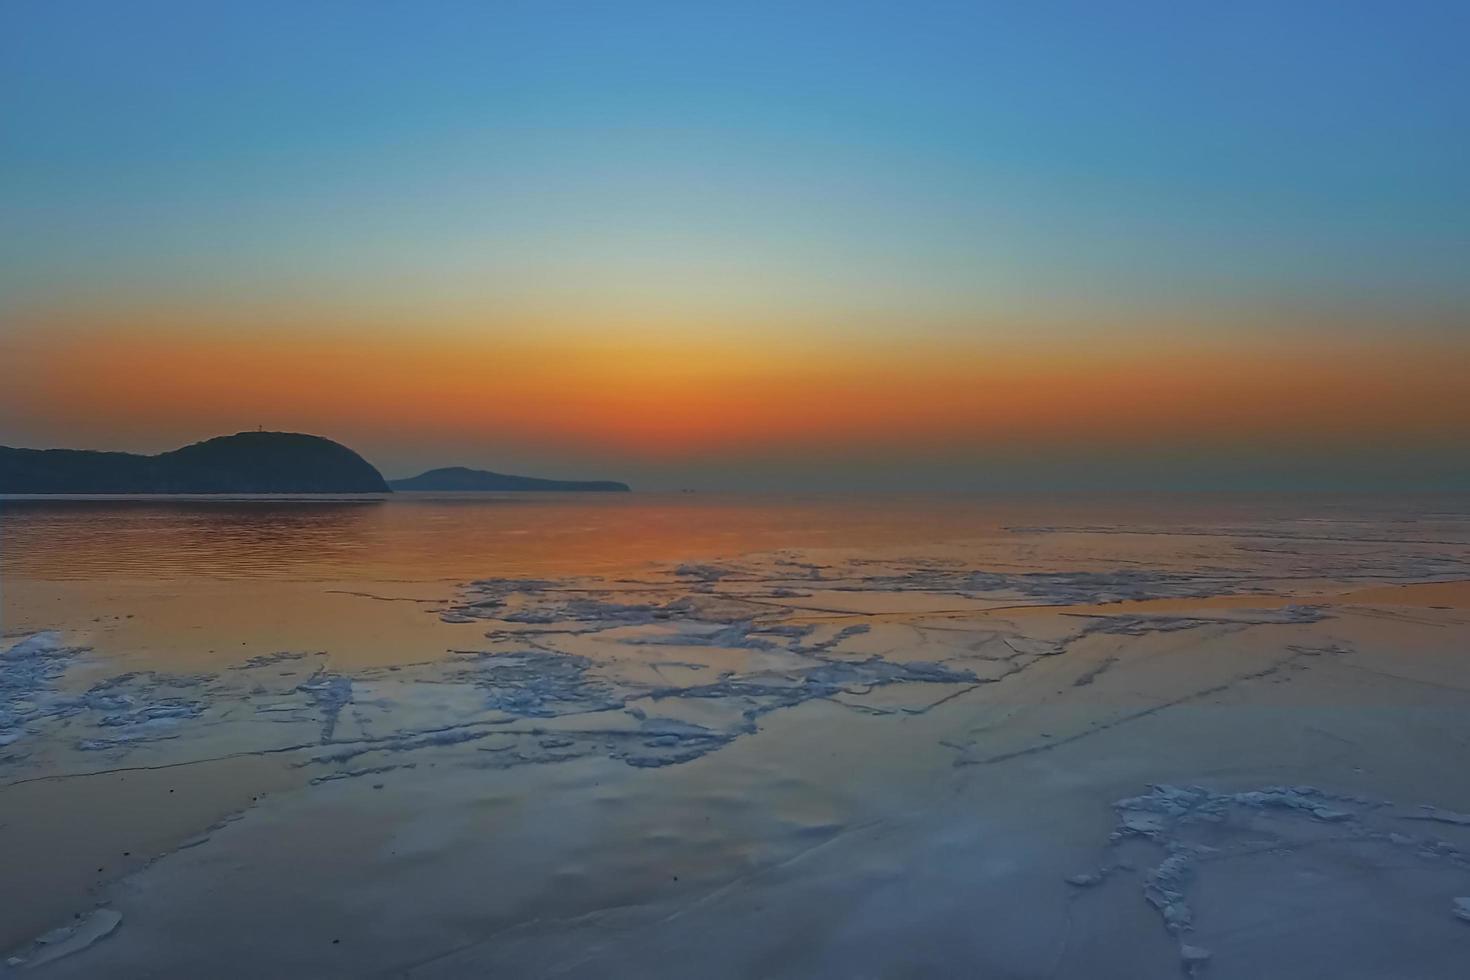 paesaggio marino con tramonto arancione colorato e montagne con banchi di ghiaccio nel mare a vladivostok, russia foto